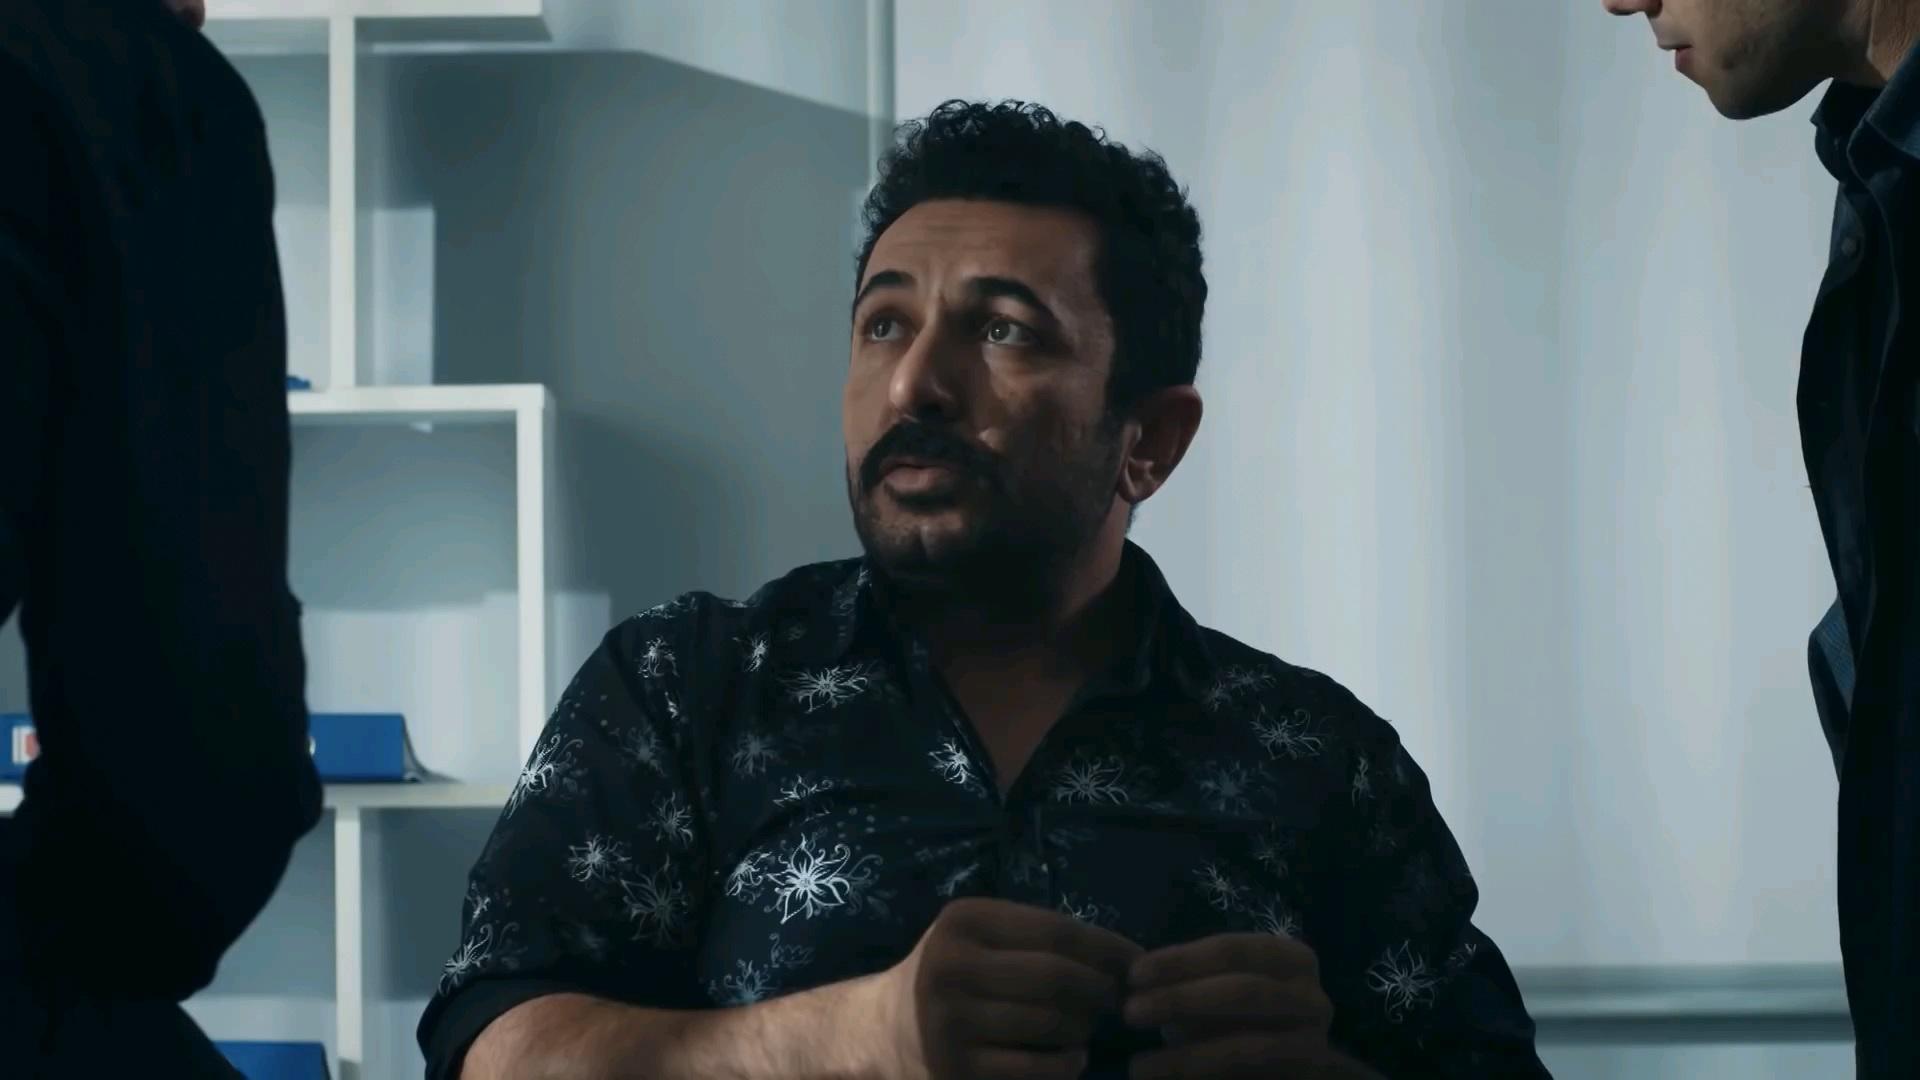 Sorma Neden?   2018   Yerli Film   WEB-DL   XviD   Sansürsüz   1080p - m720p - m1080p   WEB-DL   Tek Link